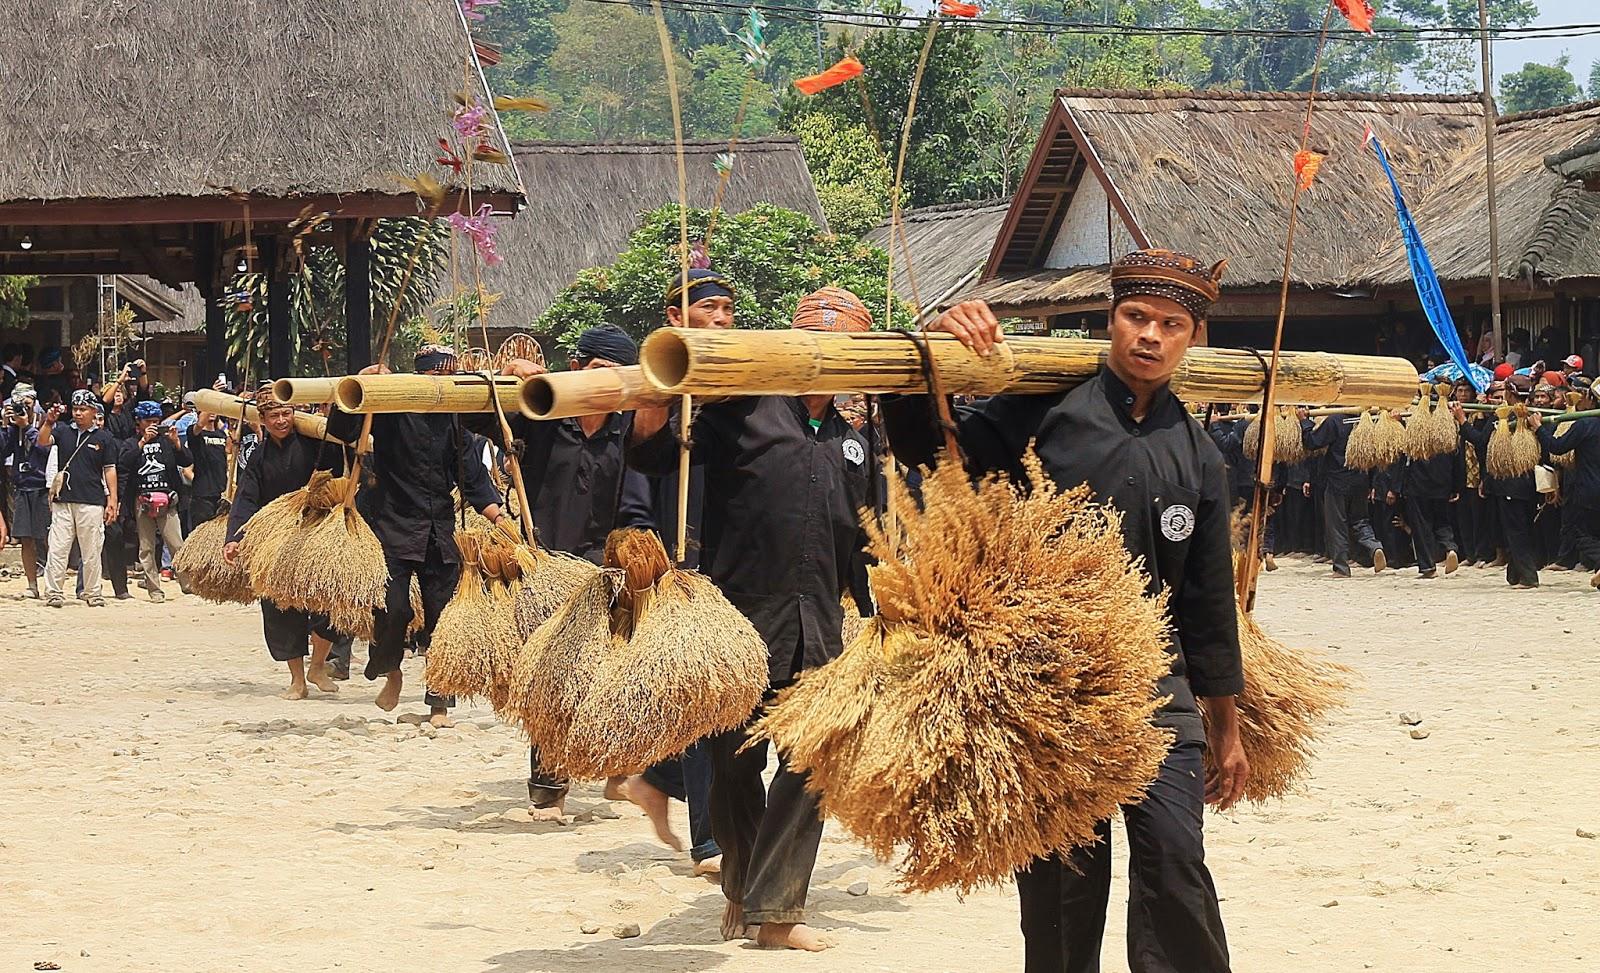 Ilustrasi Budaya Masyarakat Sunda (sumber: goodnewsIndonesia)